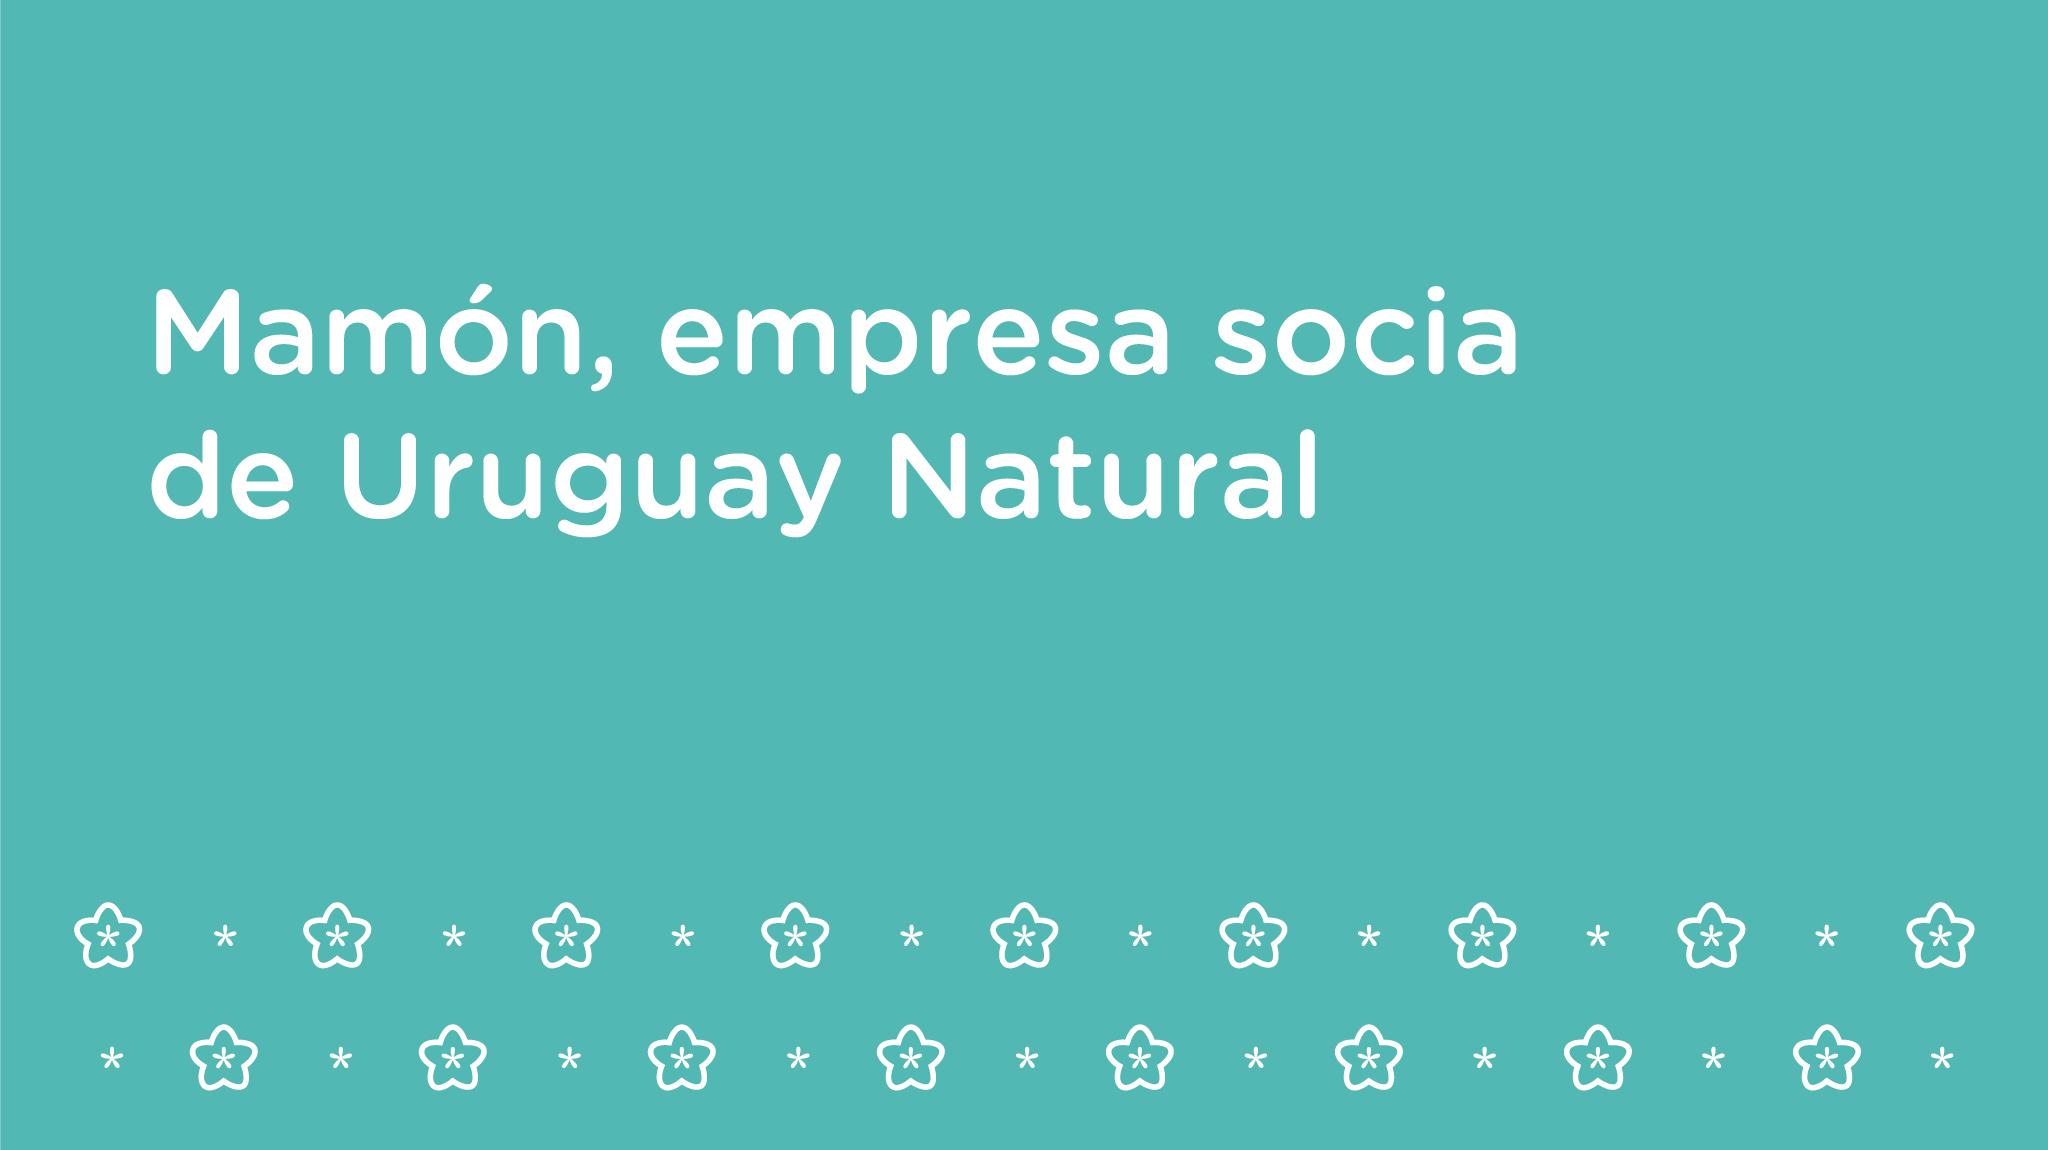 Uruguay Natural sigue asociando empresas de diversos rubros y portes